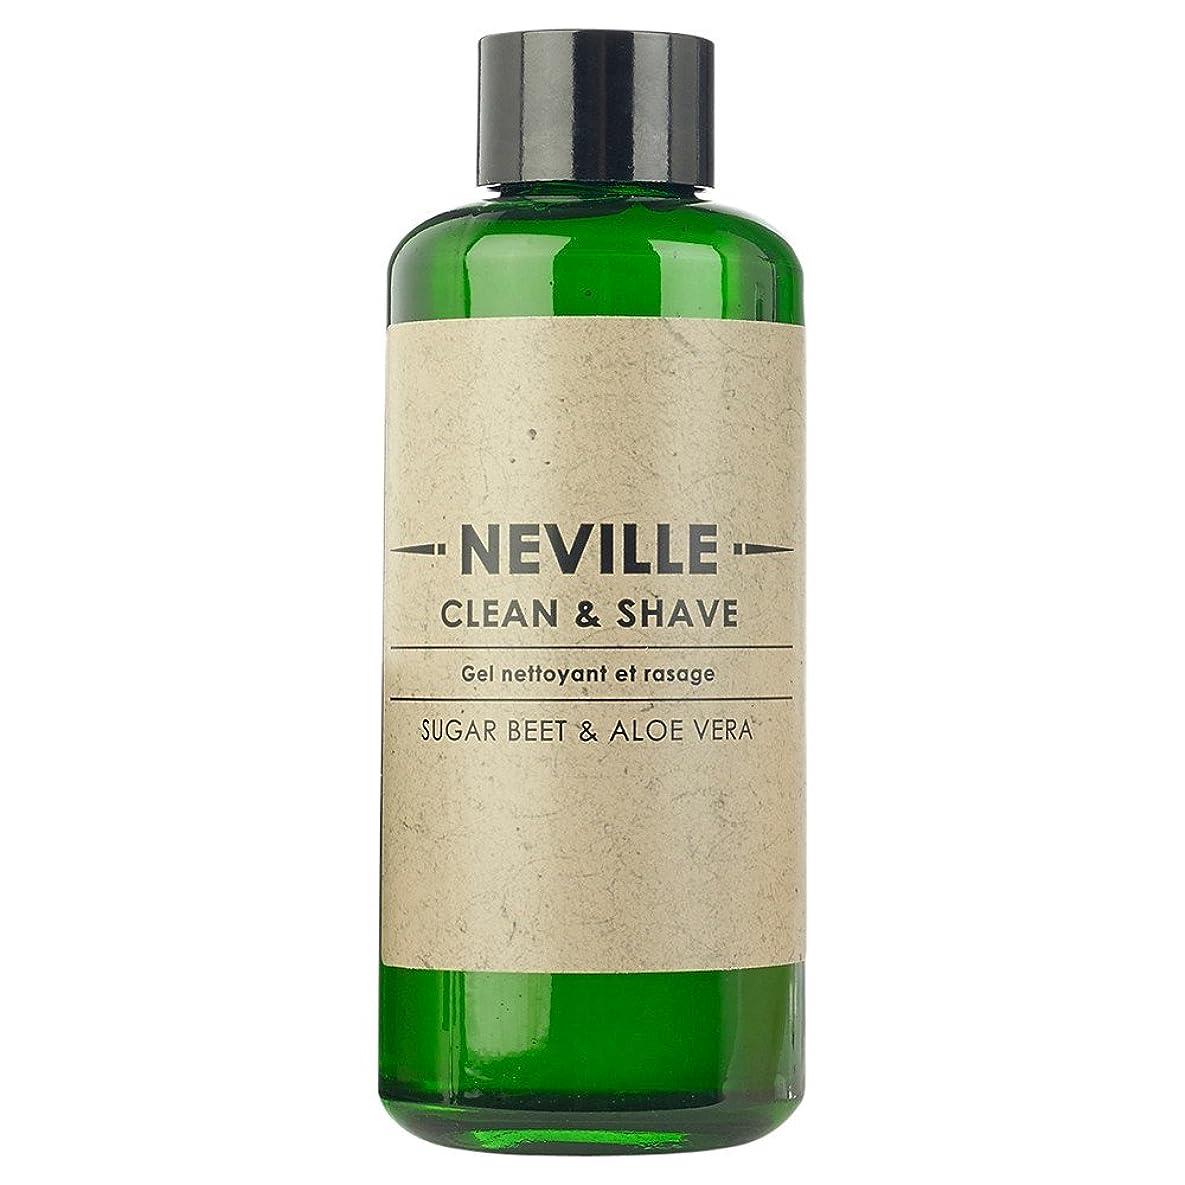 バスケットボールダイアクリティカル根拠1クリーンで剃る200ミリリットルでネヴィル2 (Neville) - Neville 2 in 1 Clean and Shave 200ml [並行輸入品]